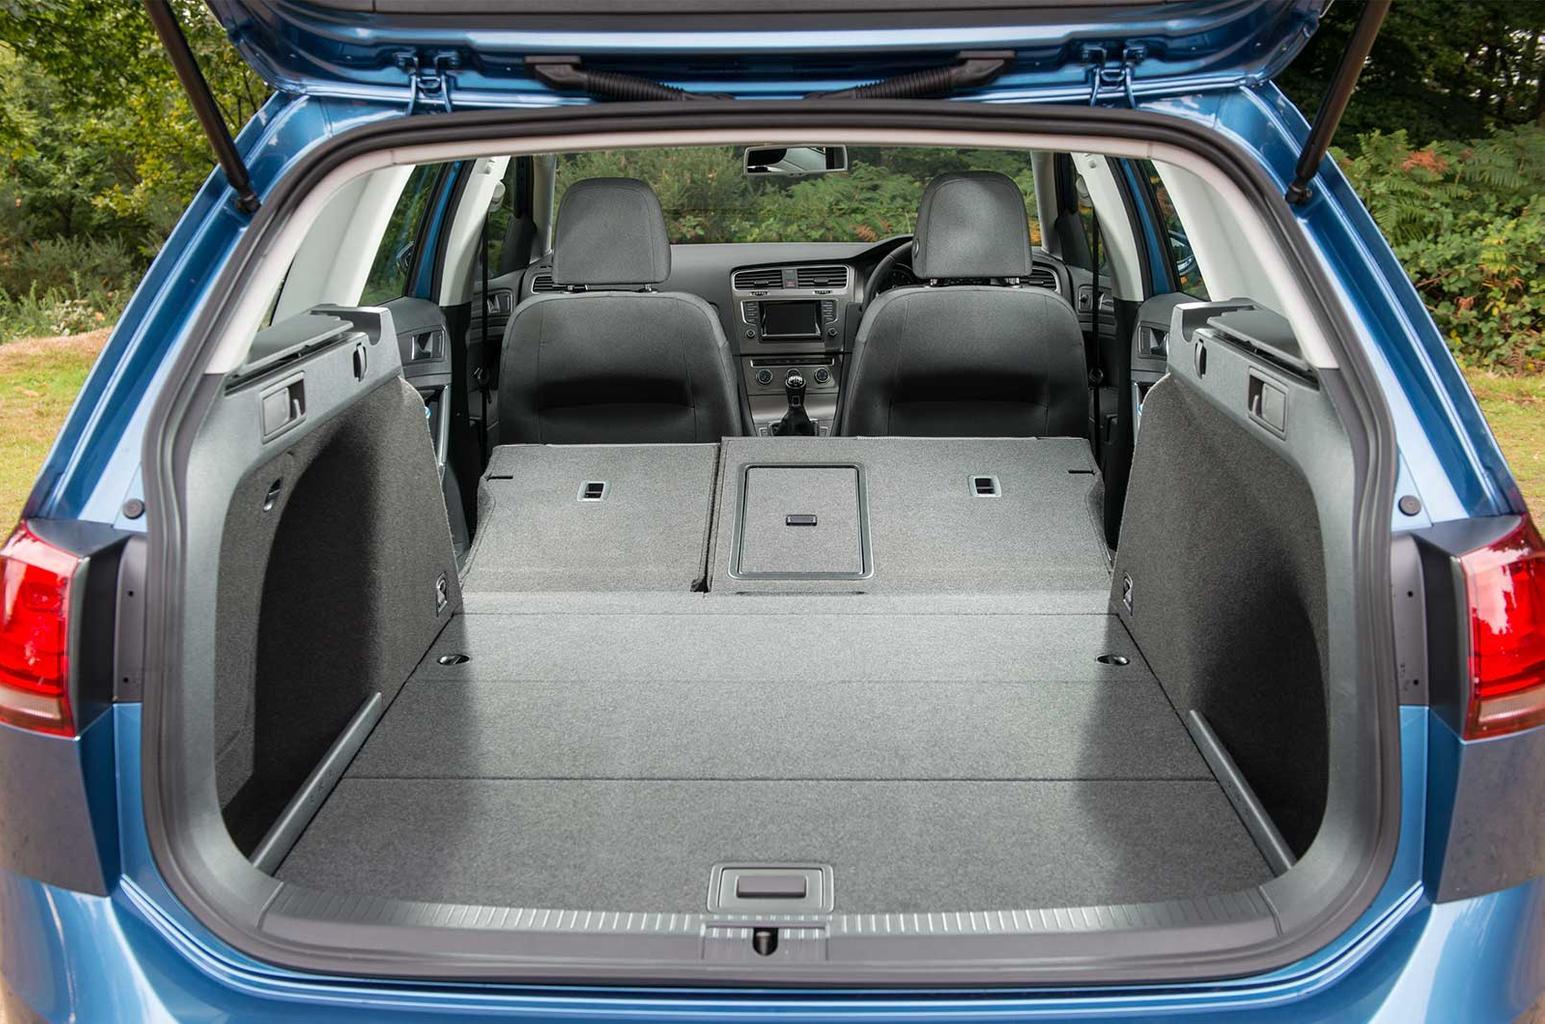 Used car of the week: Volkswagen Golf Estate